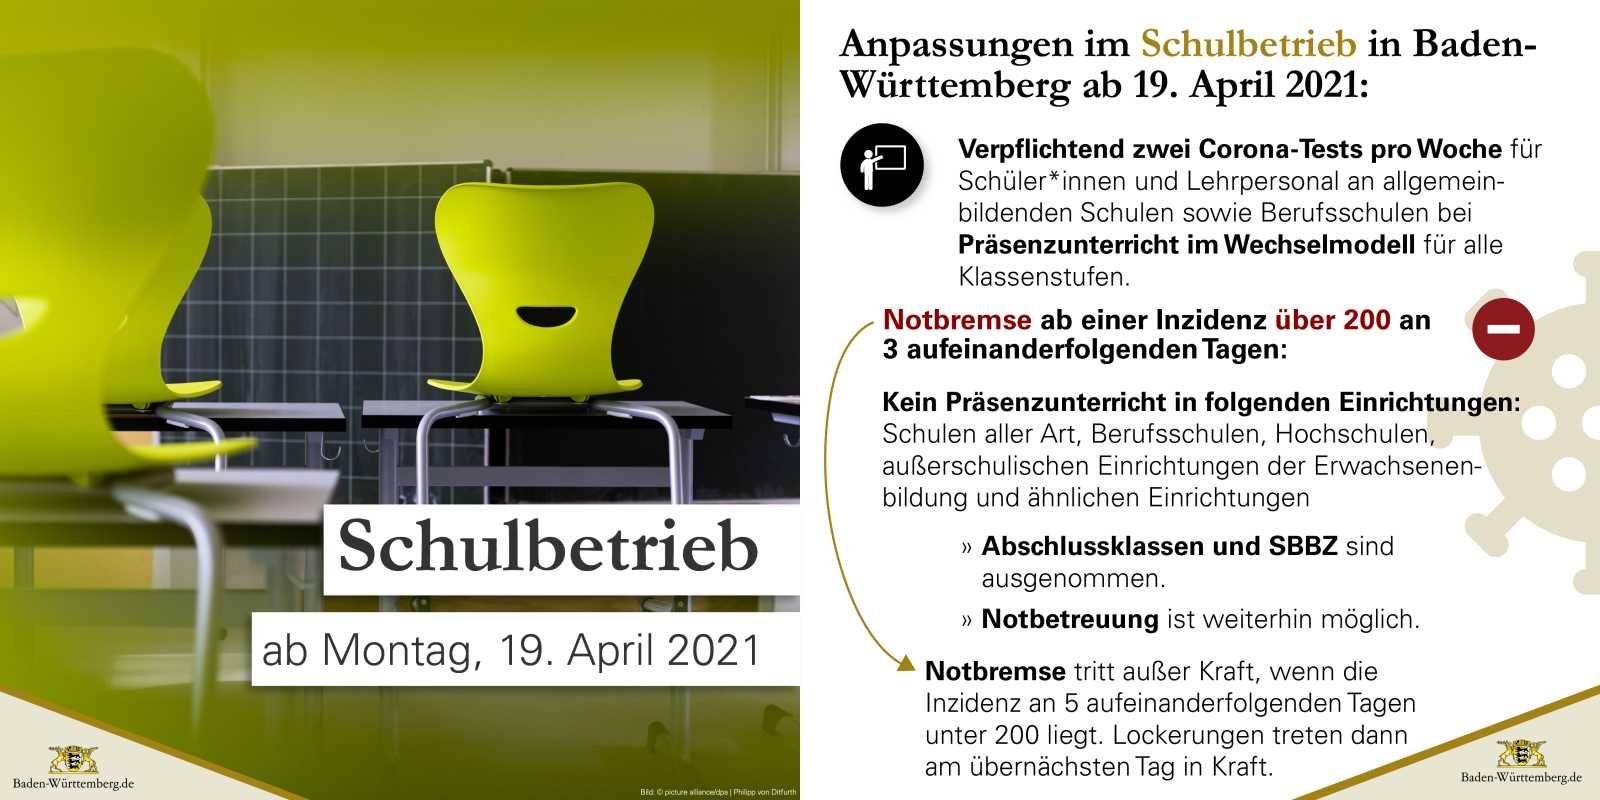 2021-04_KM-Uebersicht-Schulbetrieb-Notbremse.jpg